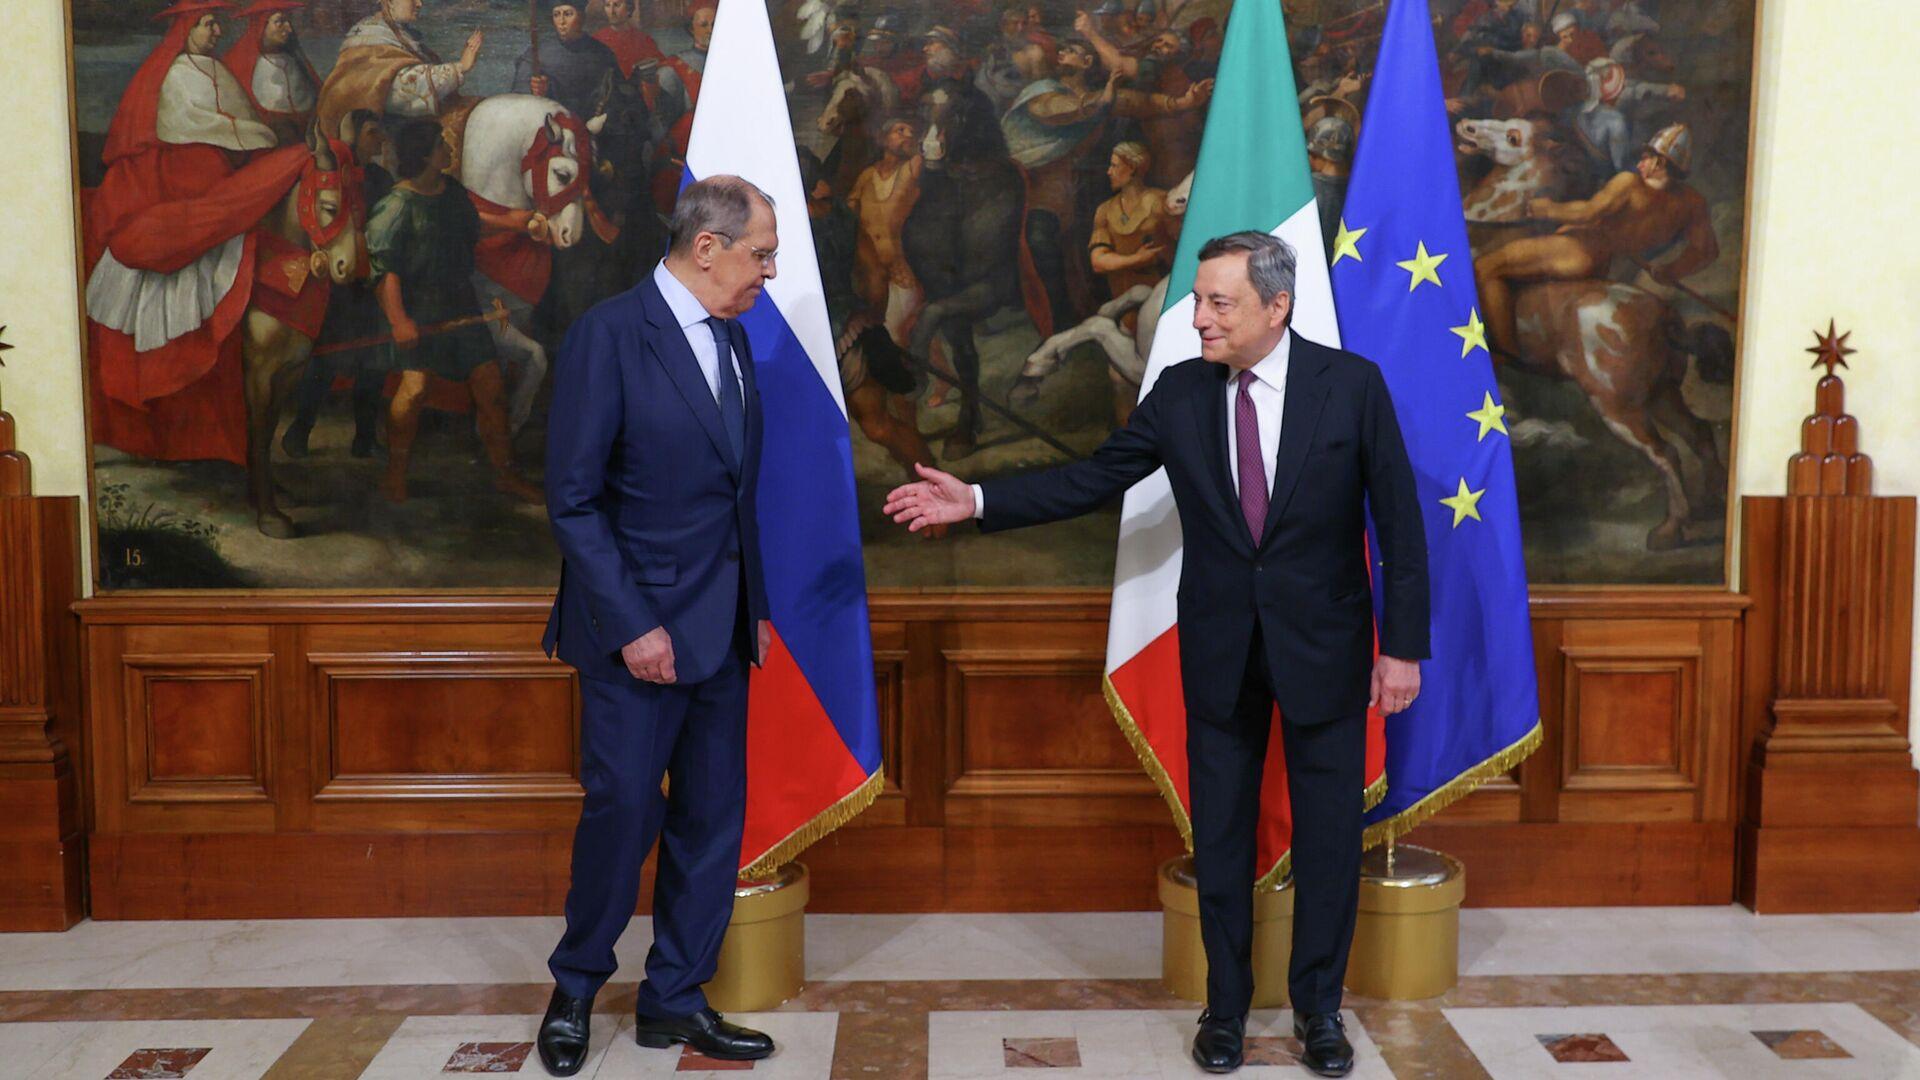 Il Presidente Mario Draghi ha incontrato il Ministro degli Affari Esteri della Federazione Russa, Sergey Lavrov, a Palazzo Chigi - Sputnik Italia, 1920, 30.08.2021